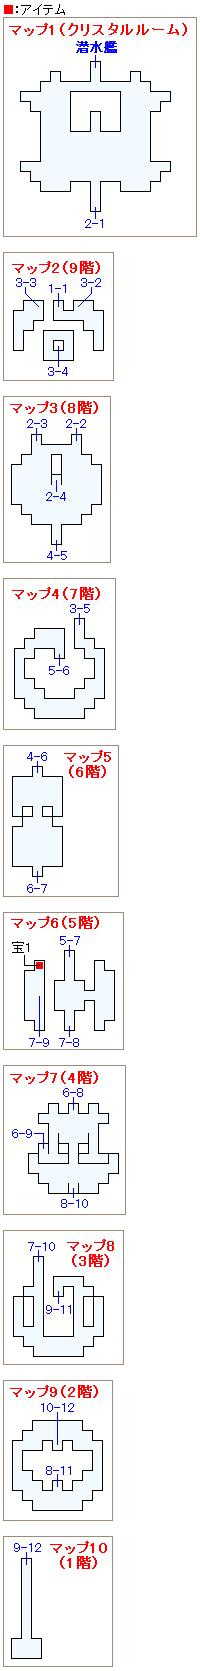 ウォルスの塔(水没)のマップ画像